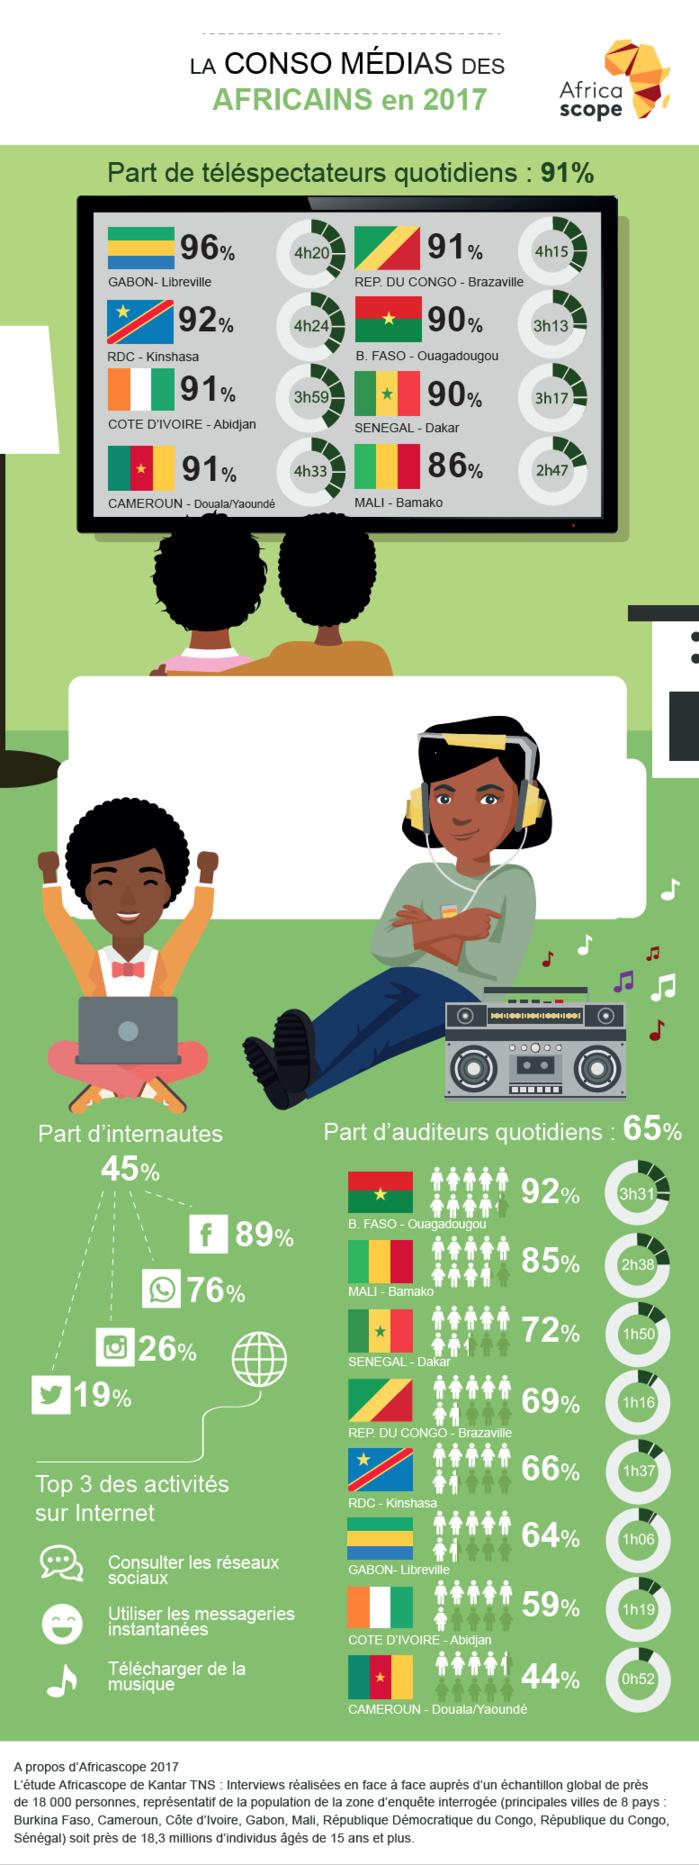 Kantar TNS publie les résultats d'Africascope 2017